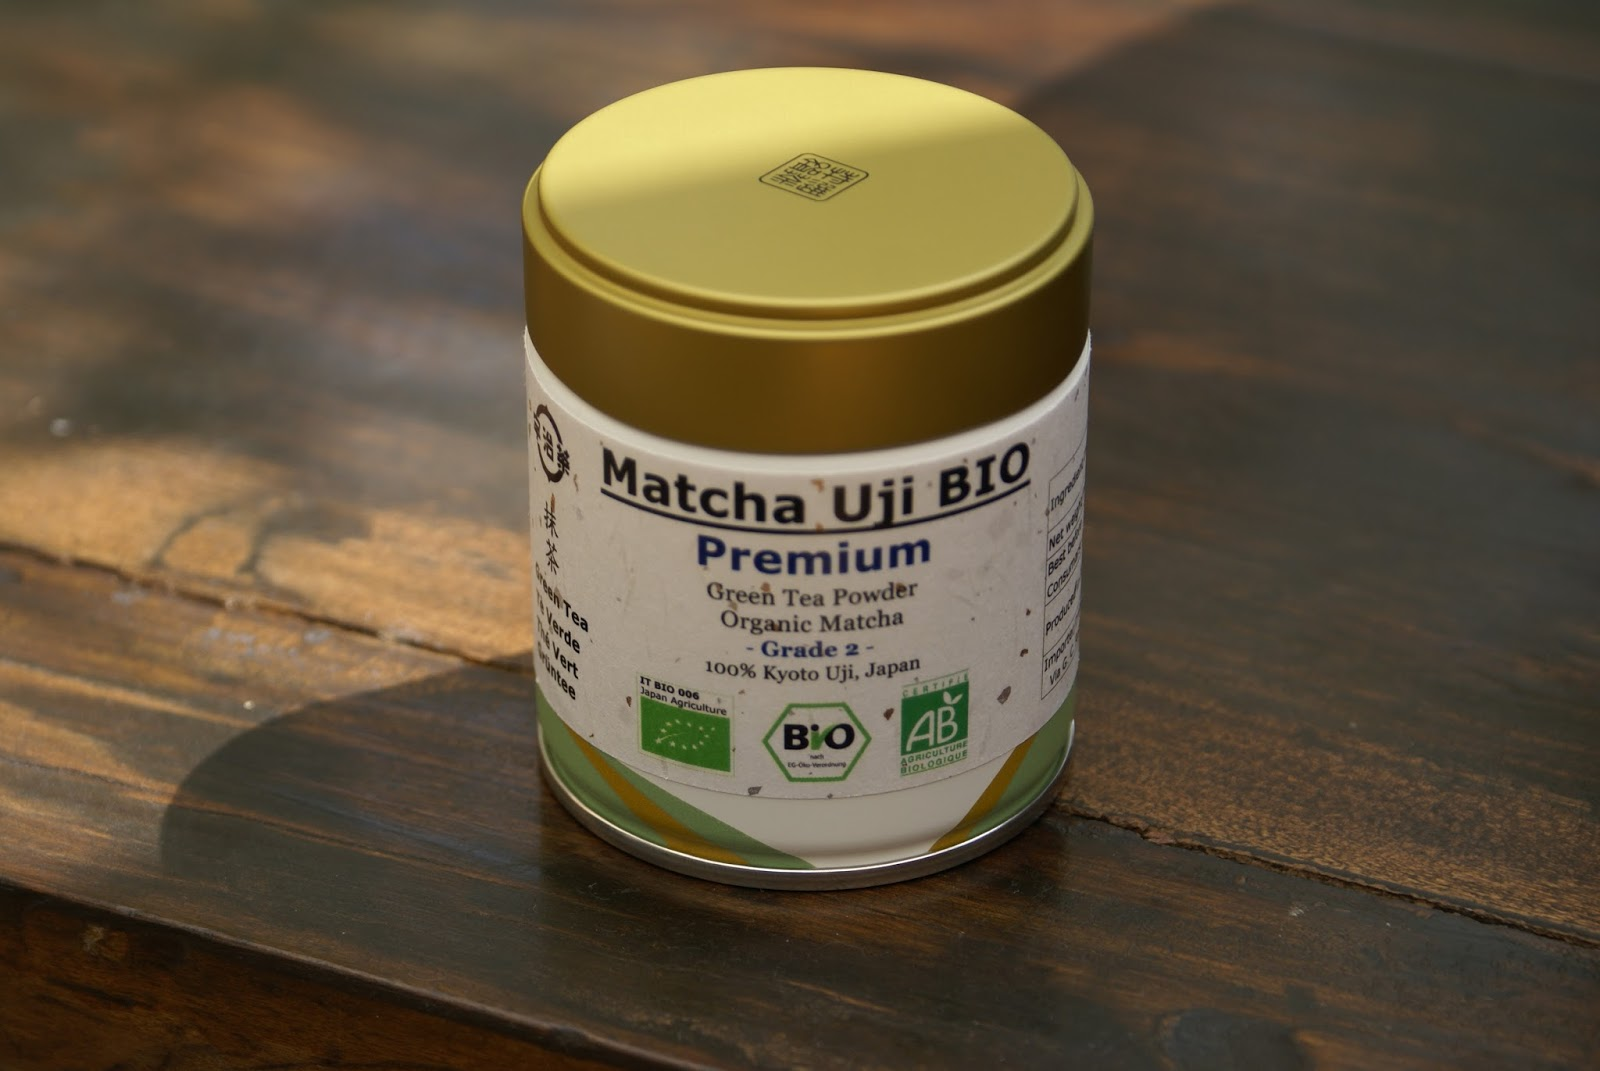 the matcha uji